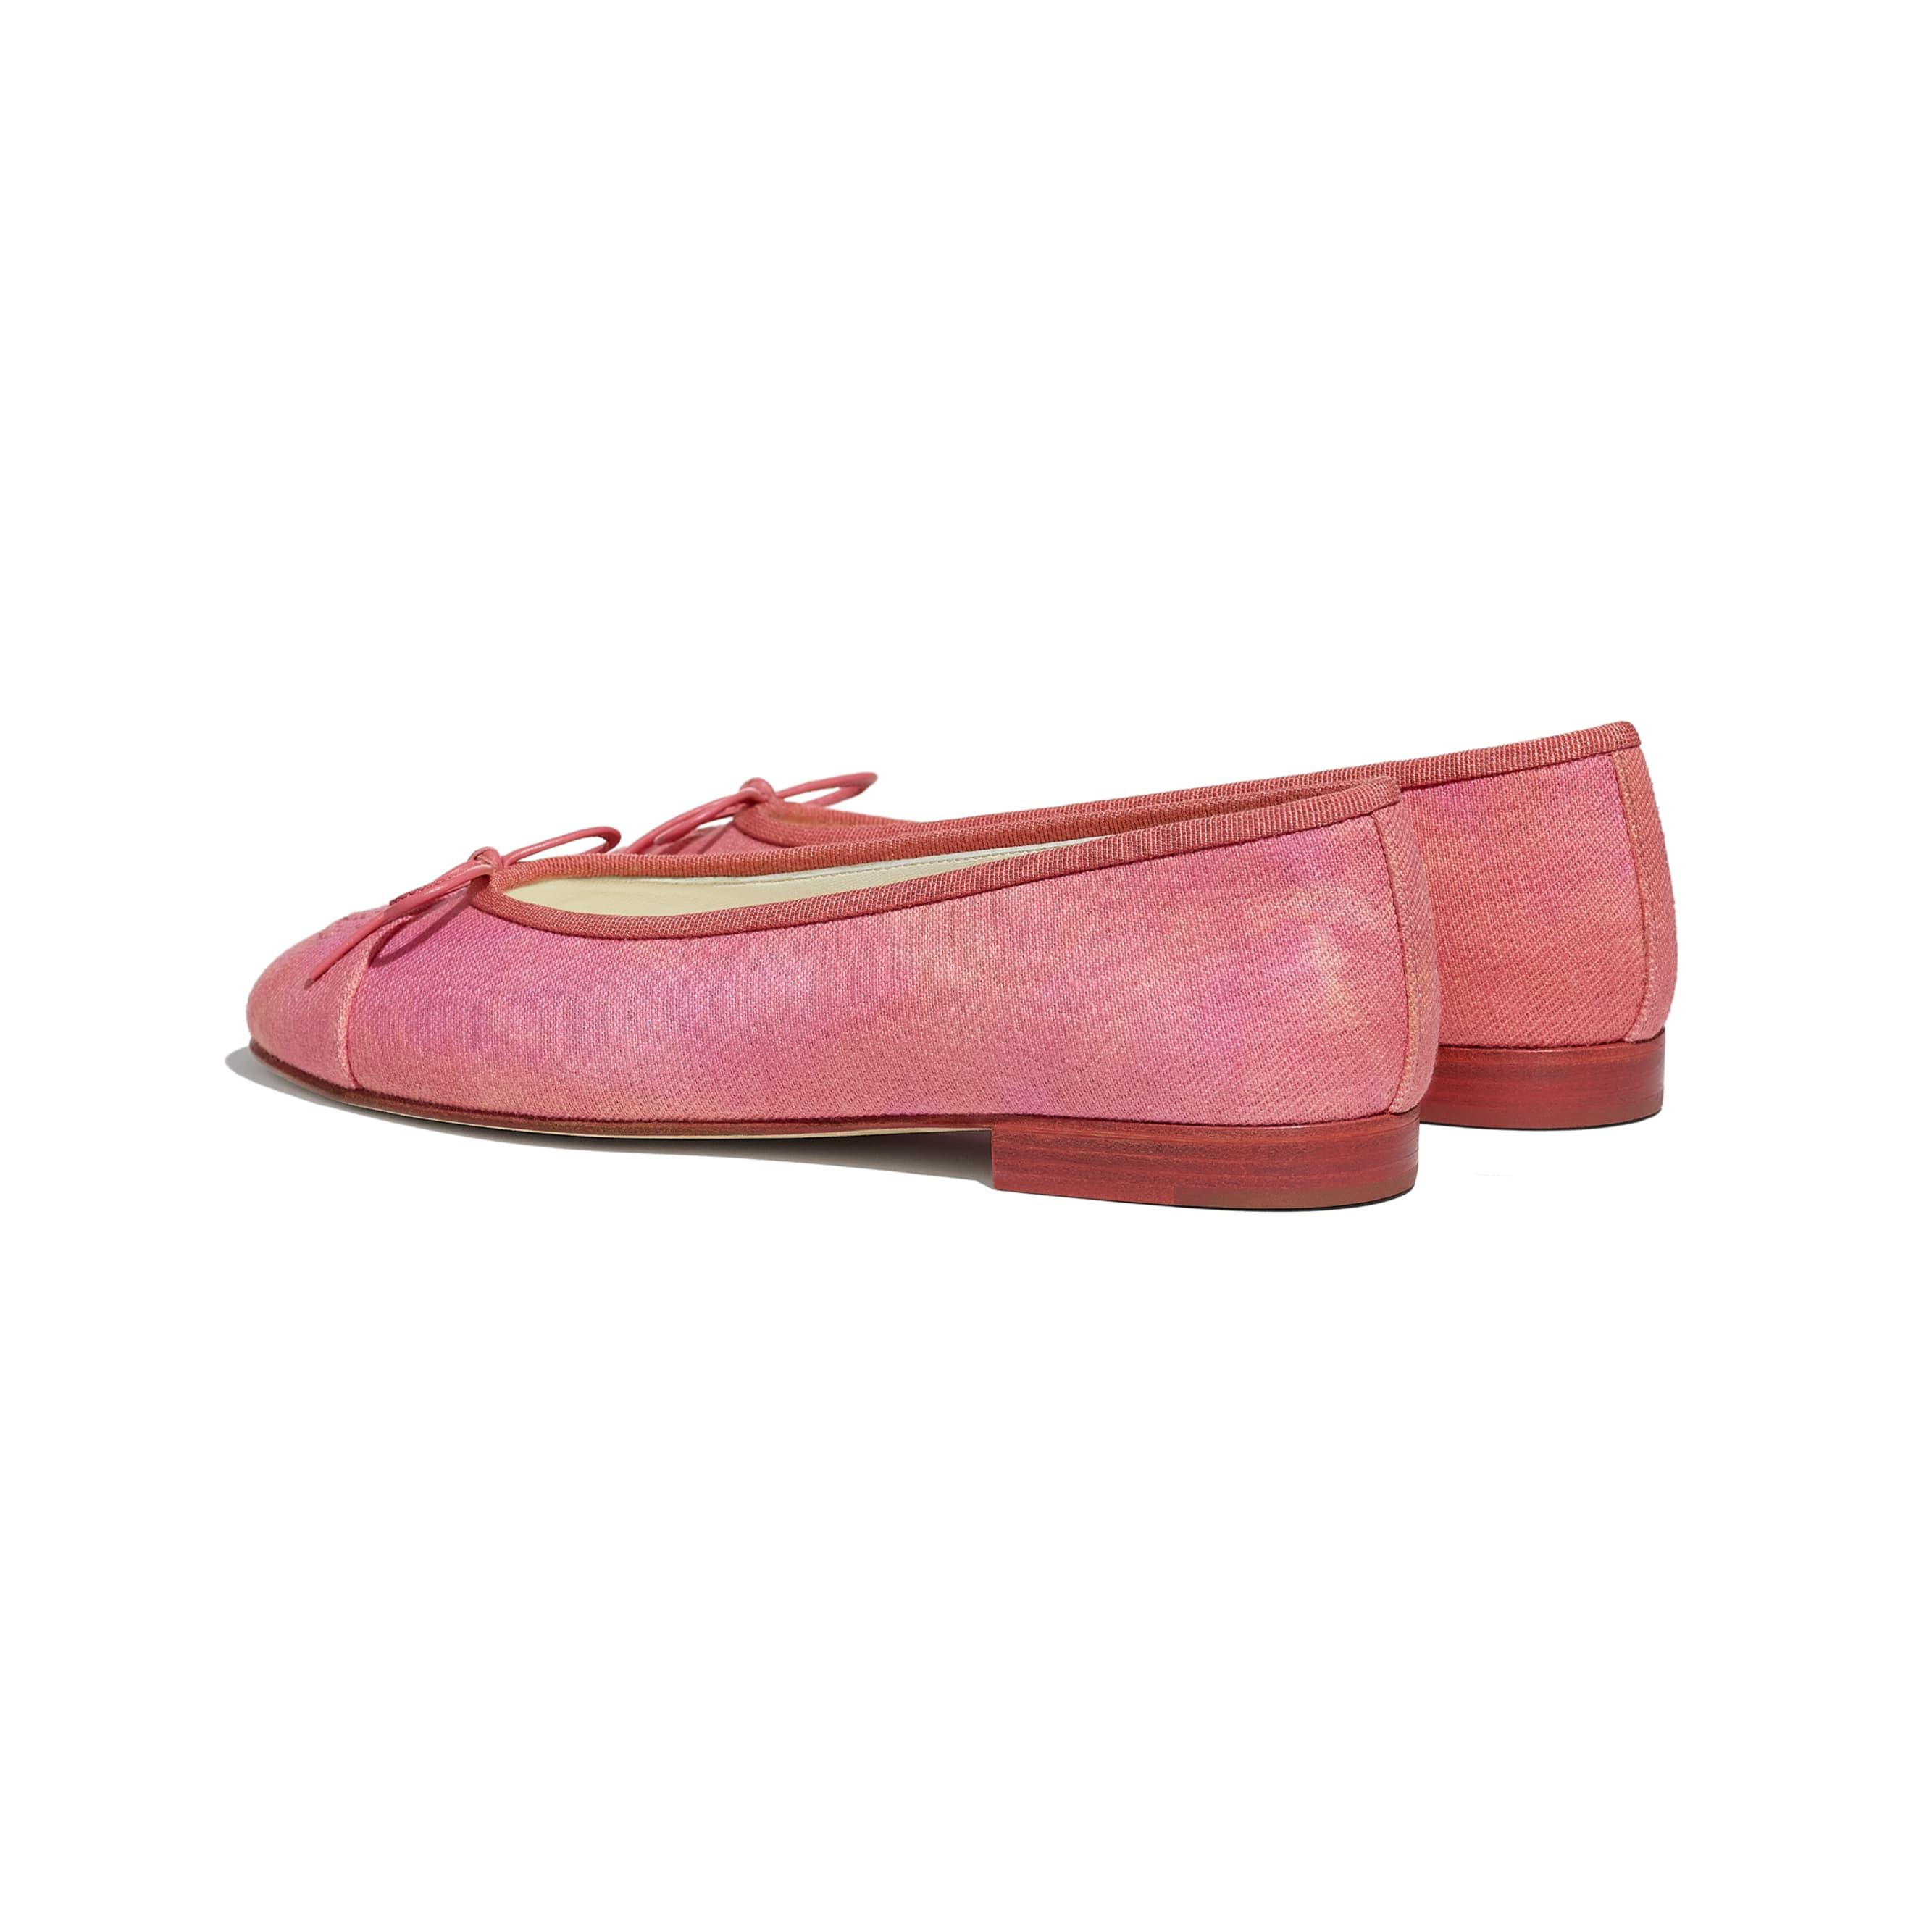 Ballerine - Corallo, rosa & arancione - Tessuto - CHANEL - Altra immagine - vedere versione standard